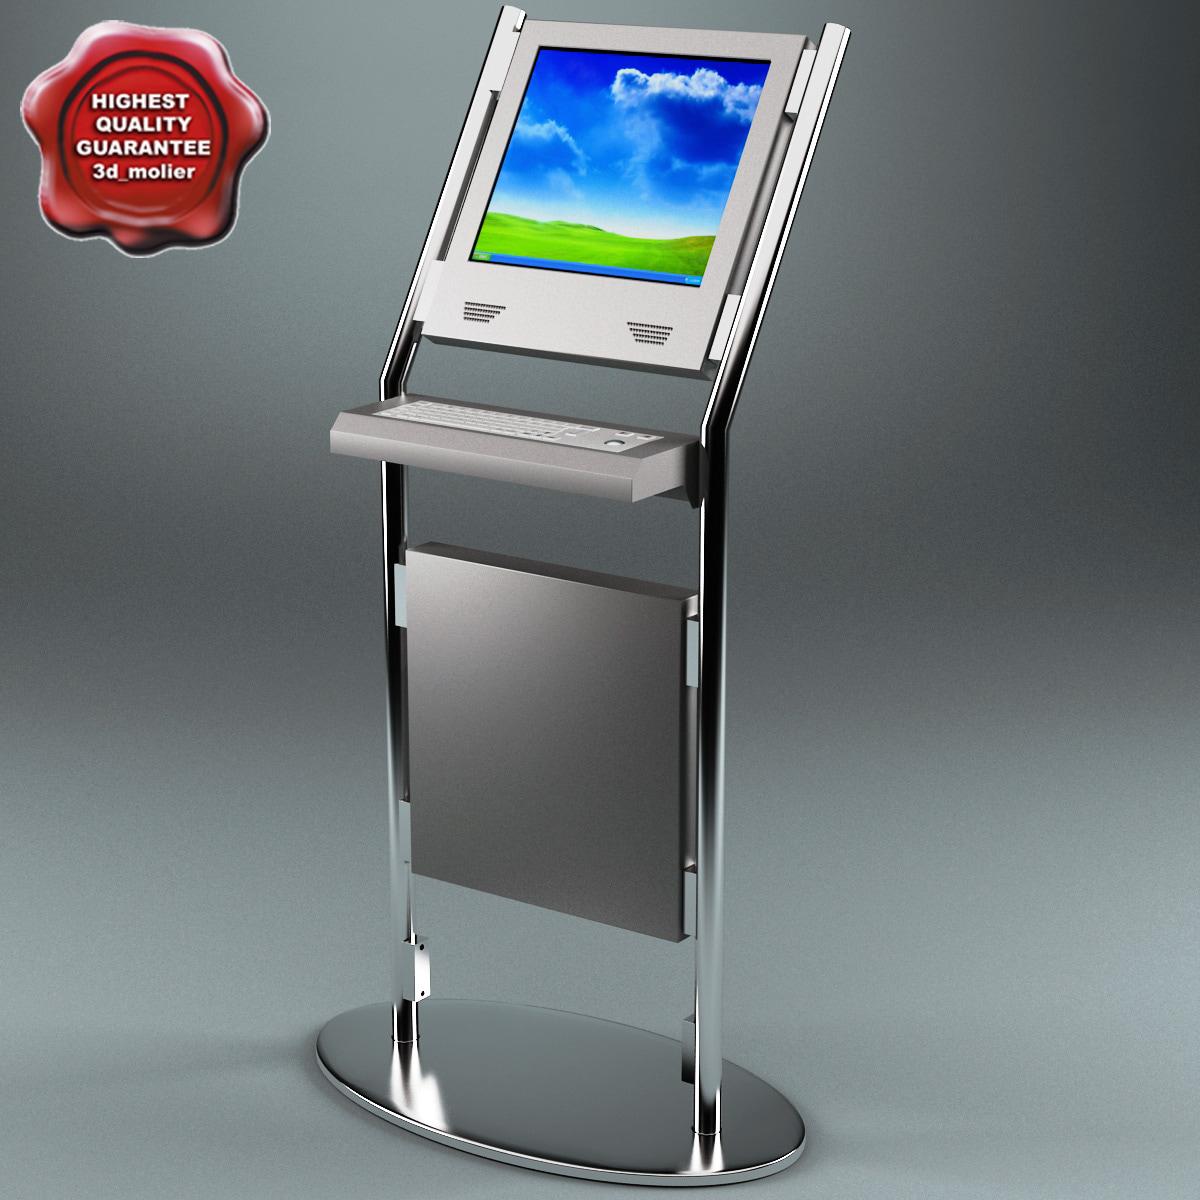 Internet_Kiosk_ZD-8010_00.jpg